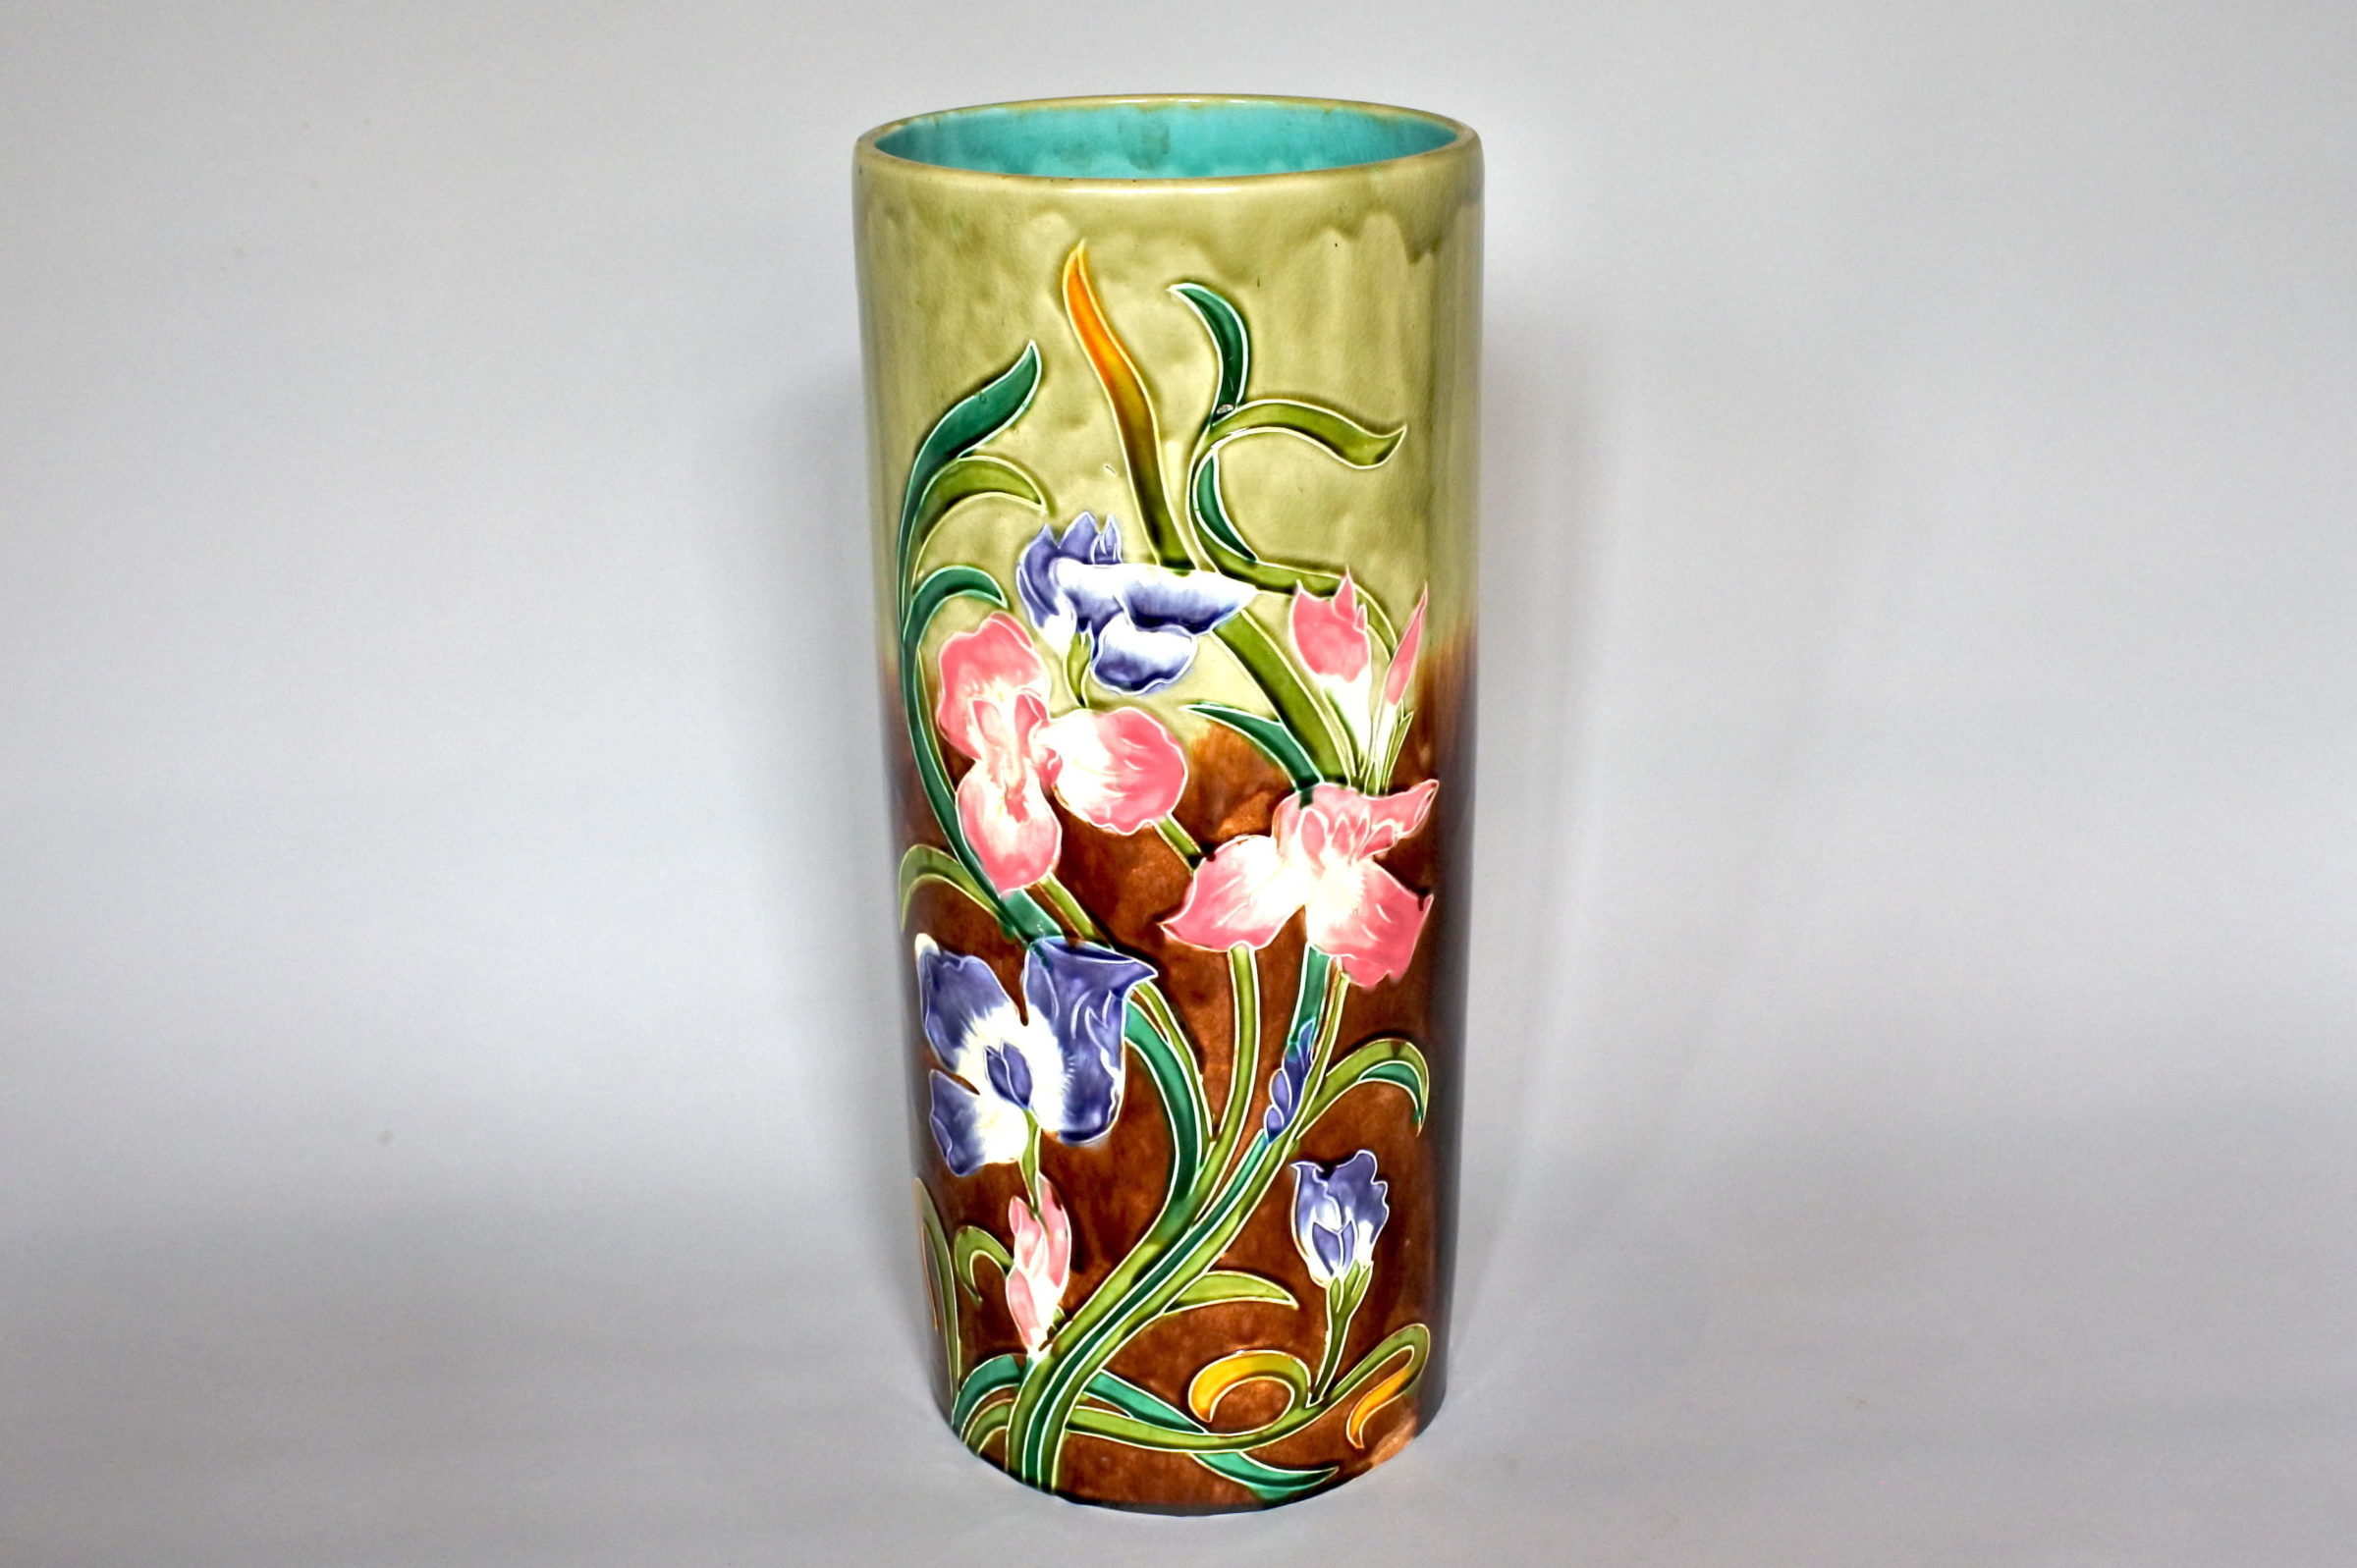 Portaombrelli in ceramica barbotine con fiori